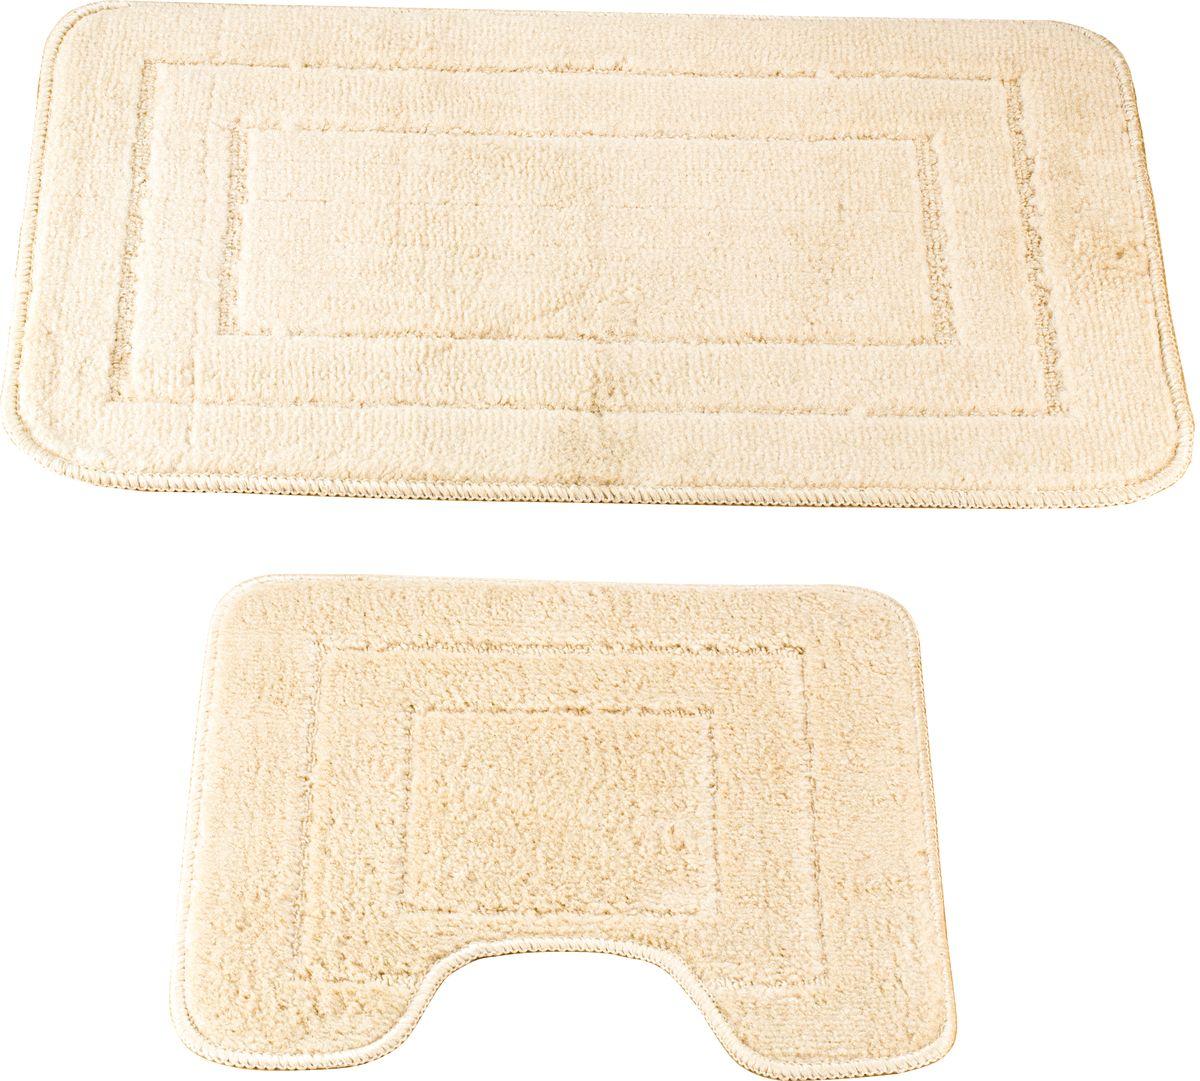 Набор ковриков для ванной Swensa Como, цвет: бежевый, 45 х 70 см, 45 х 45 см, 2 штSWMS-6010Набор ковриков для ванной Swensa Como — аксессуар для ванной комнаты, сочетающий отличные эксплуатационные характеристики с привлекательной расцветкой. Изделие выполнено из гипоаллергенного и износостойкого полипропиленового волокна. Рельефный ворс различной длины обеспечивает приятные тактильные ощущения и легкий массажный эффект. Края обработаны оверлоком, что предохраняет коврик от разлохмачивания и деформации. Рекомендована деликатная машинная стирка.